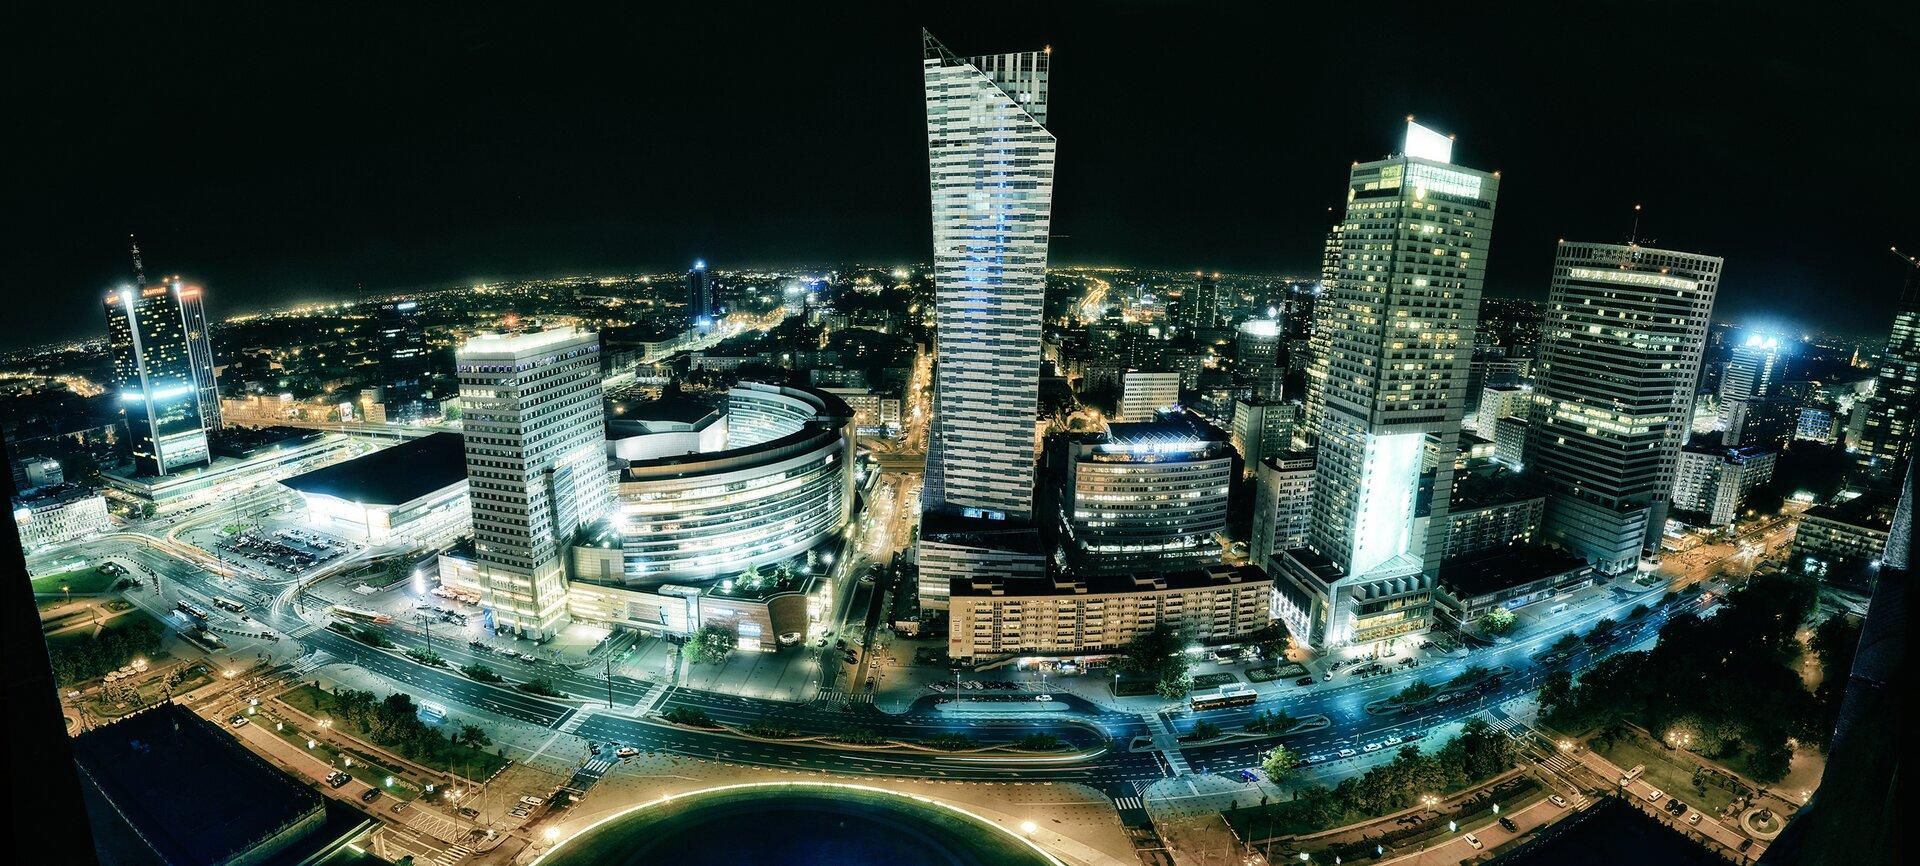 Nocna fotografia Warszawy wykonana zwysokości. Widoczne oświetlone wieżowce oraz ulice miasta.